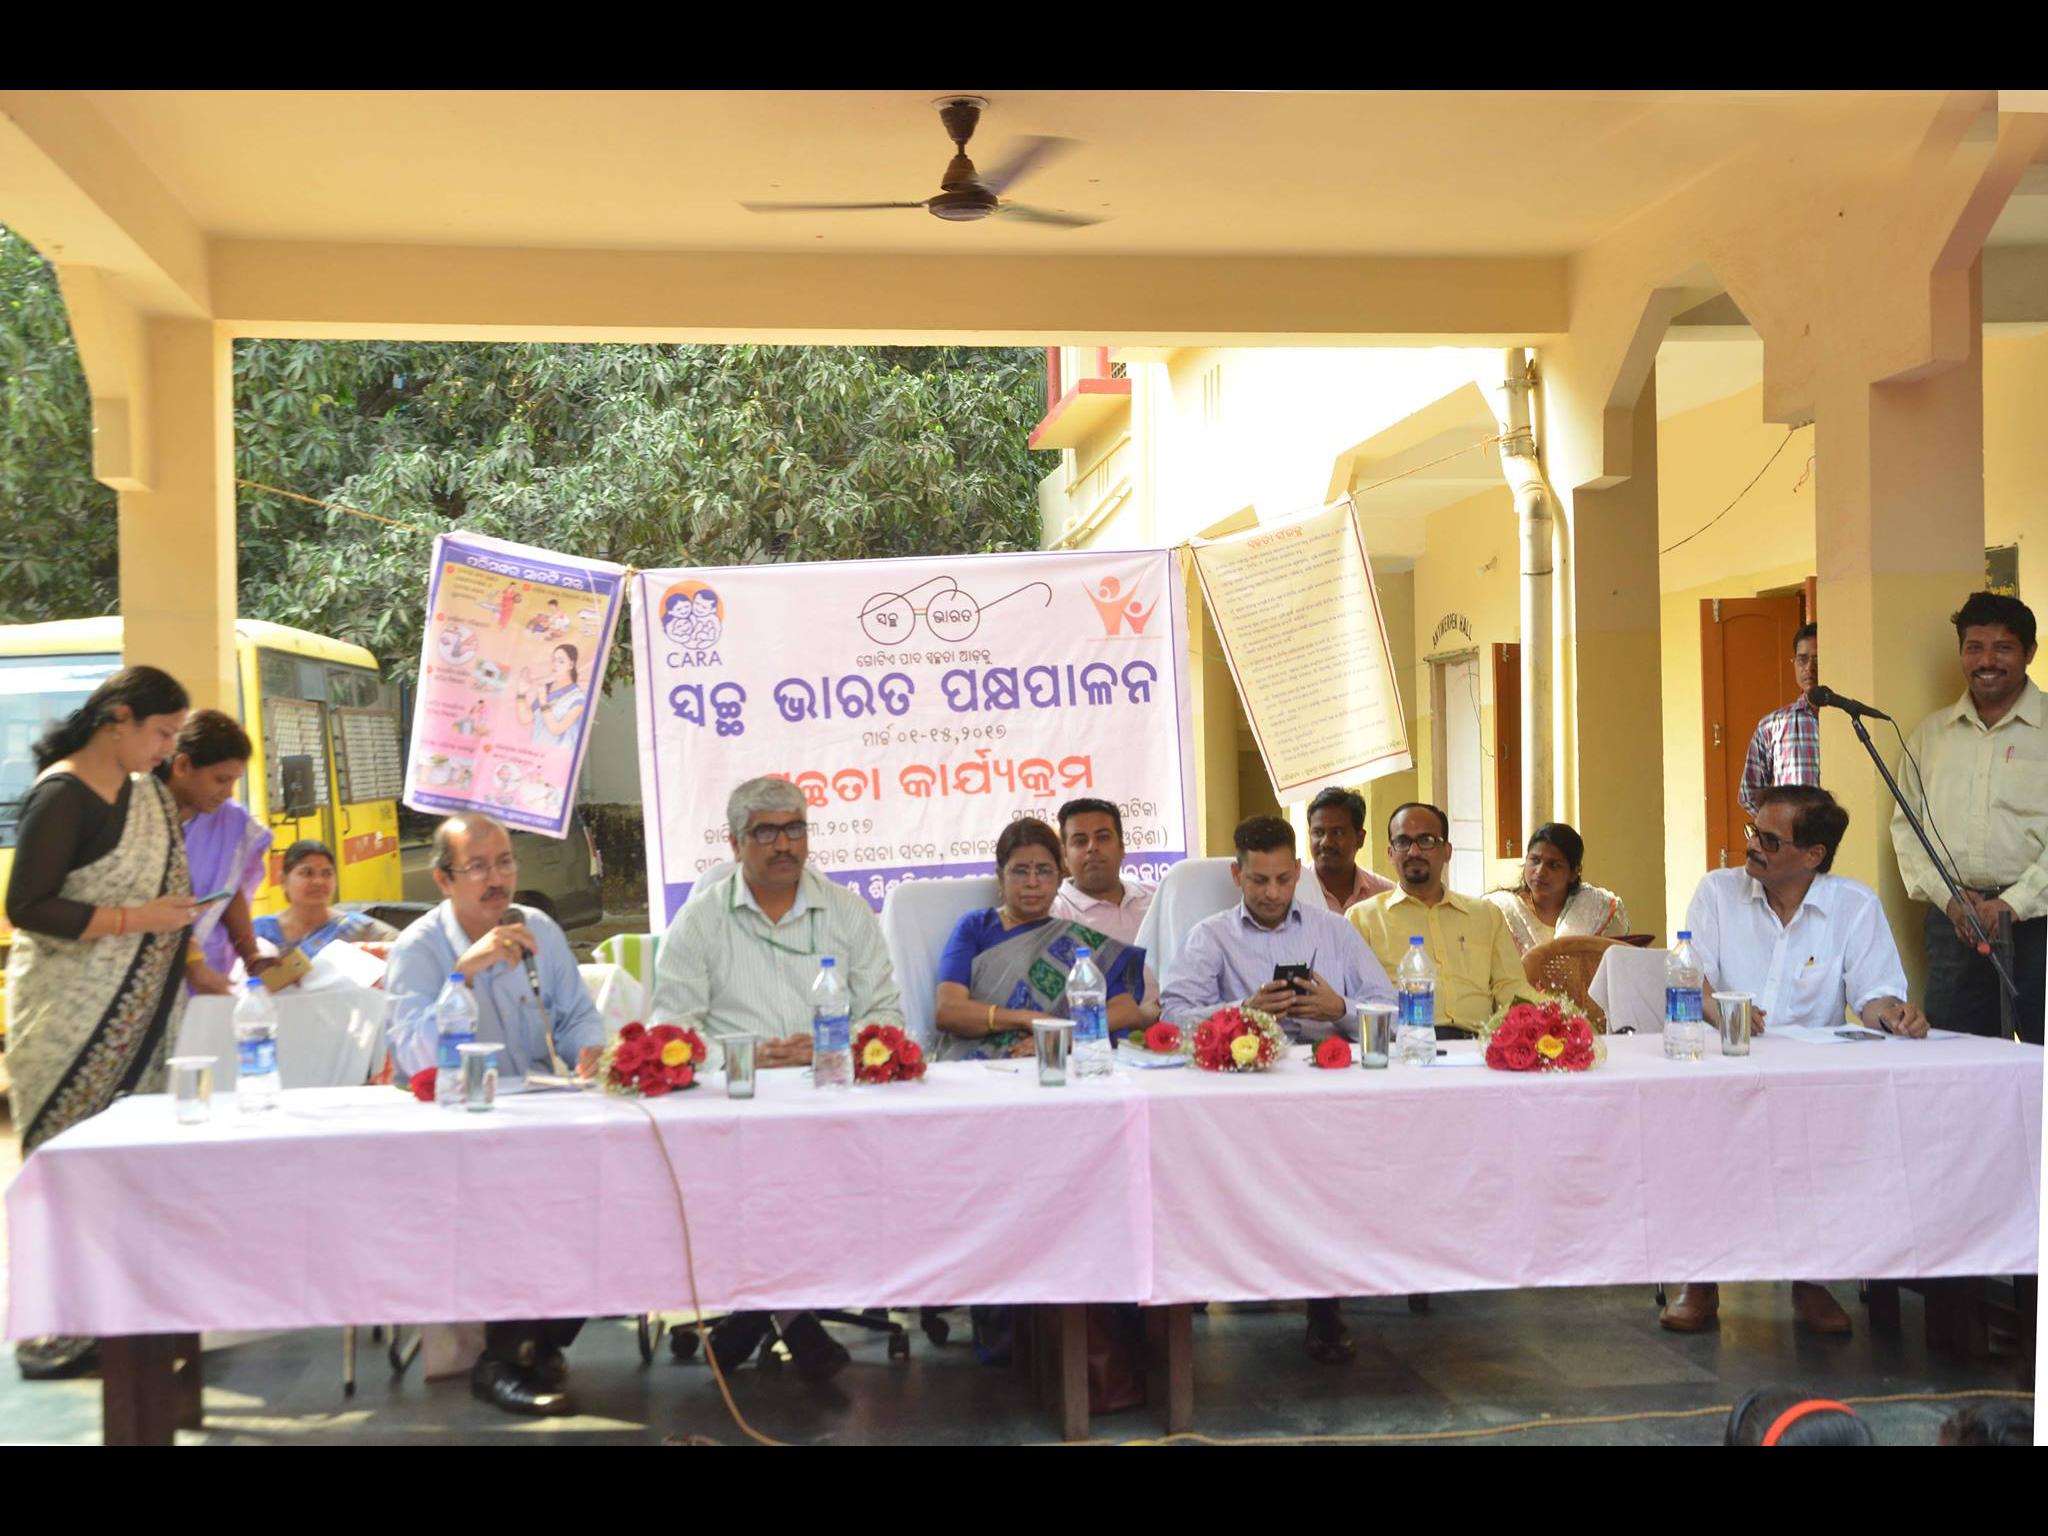 Reconocimiento a nuestro socio local Subhadra Mahatab Seva Sadan